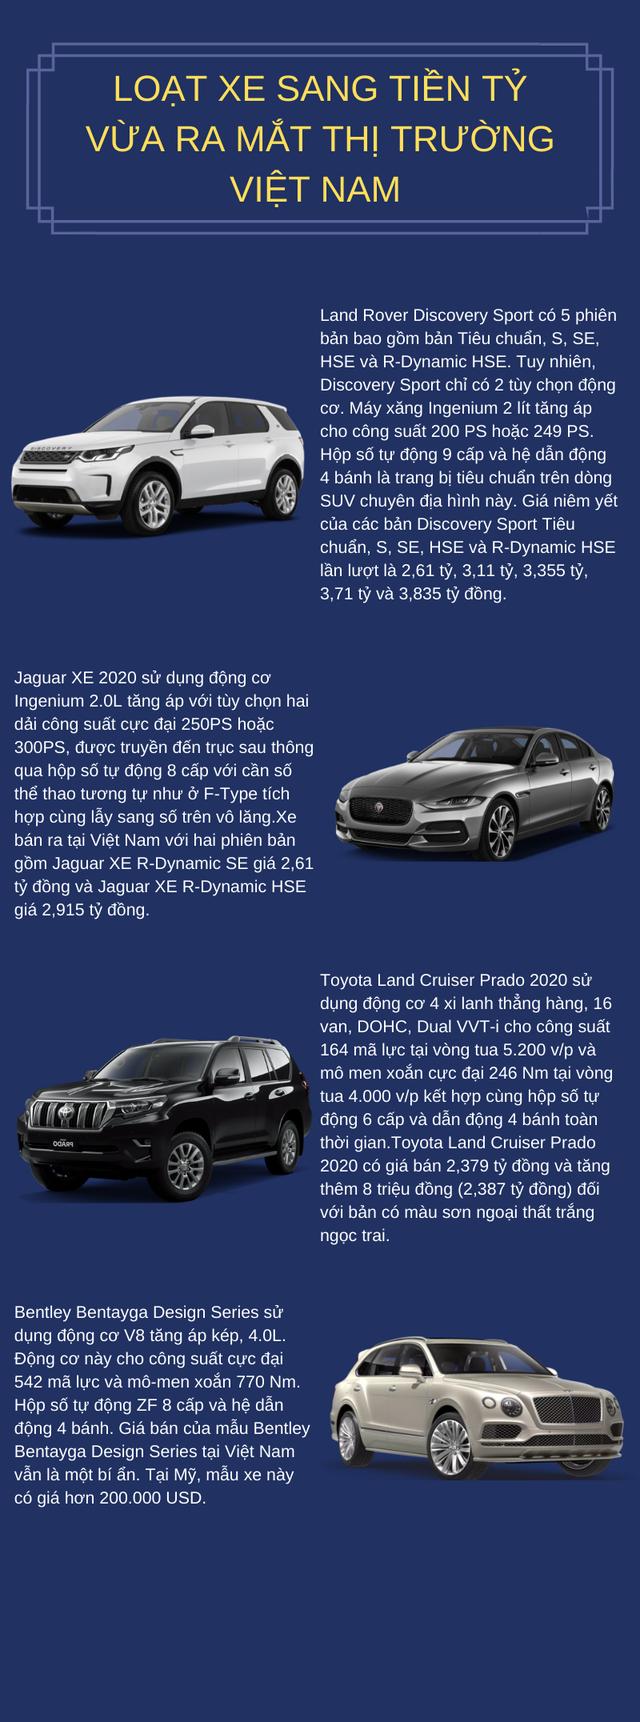 Điểm danh 4 mẫu xe tiền tỷ vừa ra mắt tại thị trường Việt Nam - Ảnh 1.